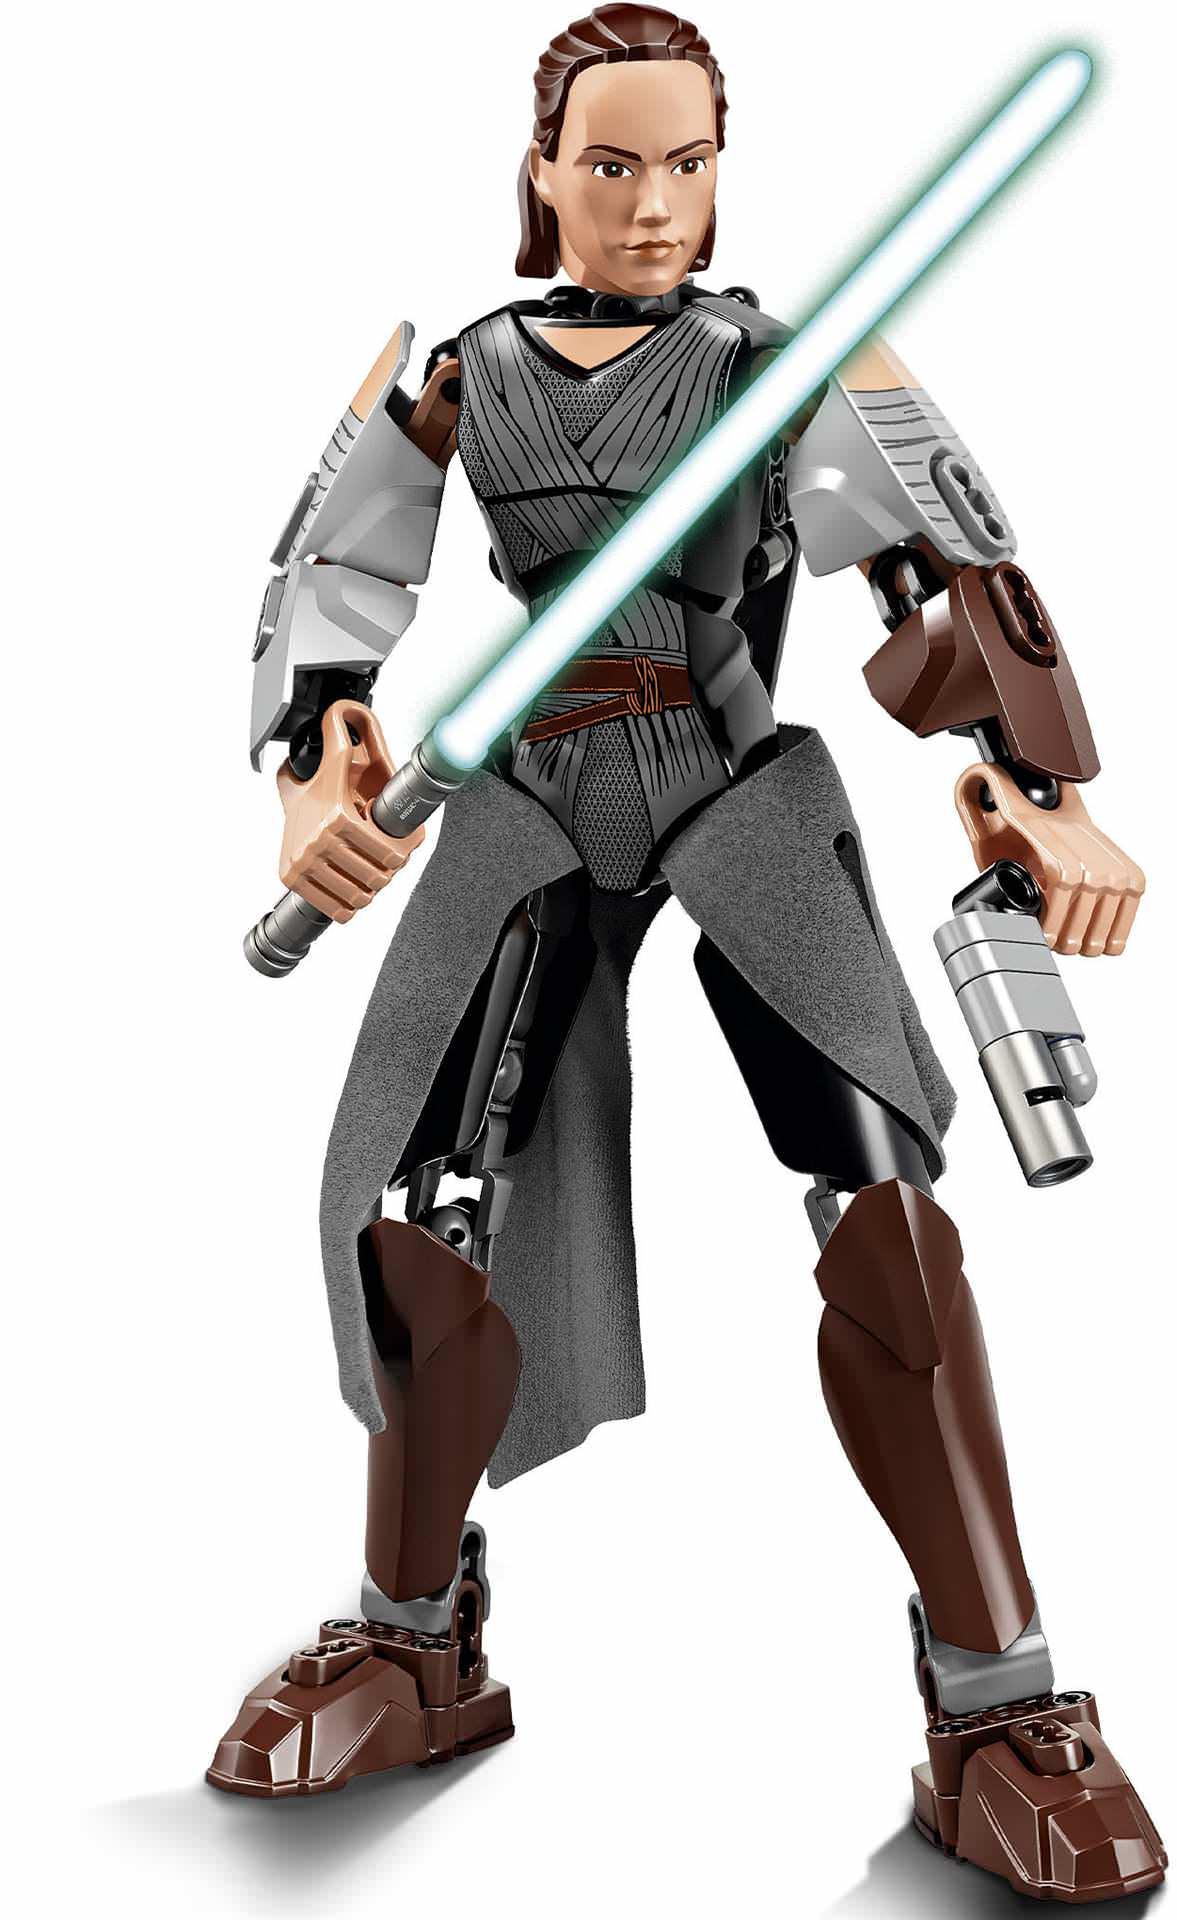 [Produits] Figurines Star Wars de l'automne 2017 : découvrez les images ! Yo1egr10